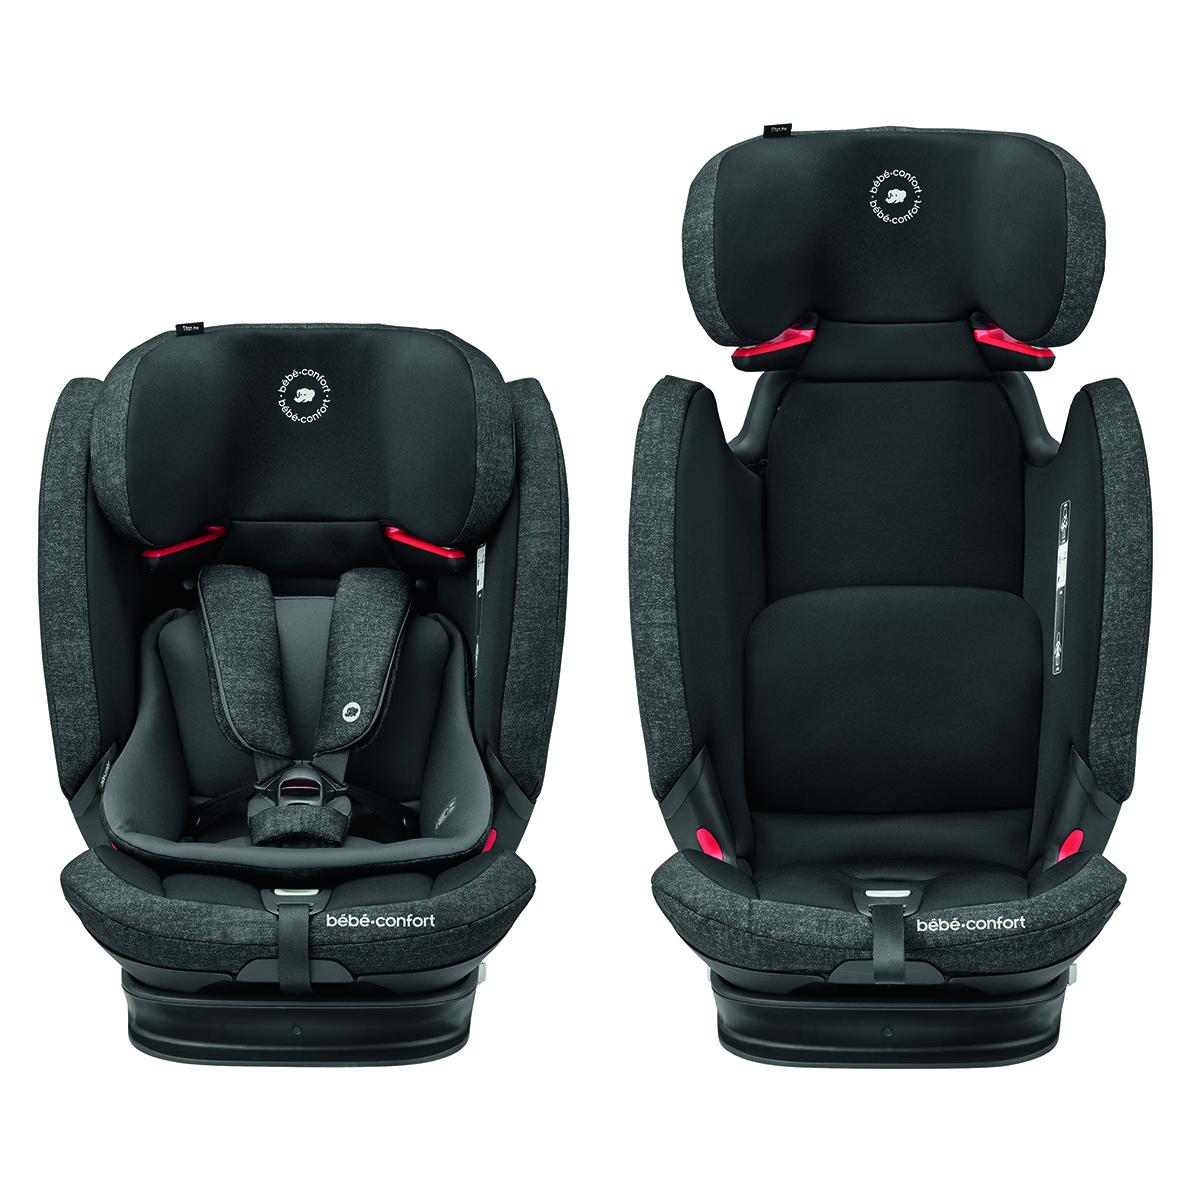 ... Acheter Siège auto et coque Siège Auto Titan Pro Isofix Groupe 1 2 3 ... f97127862709